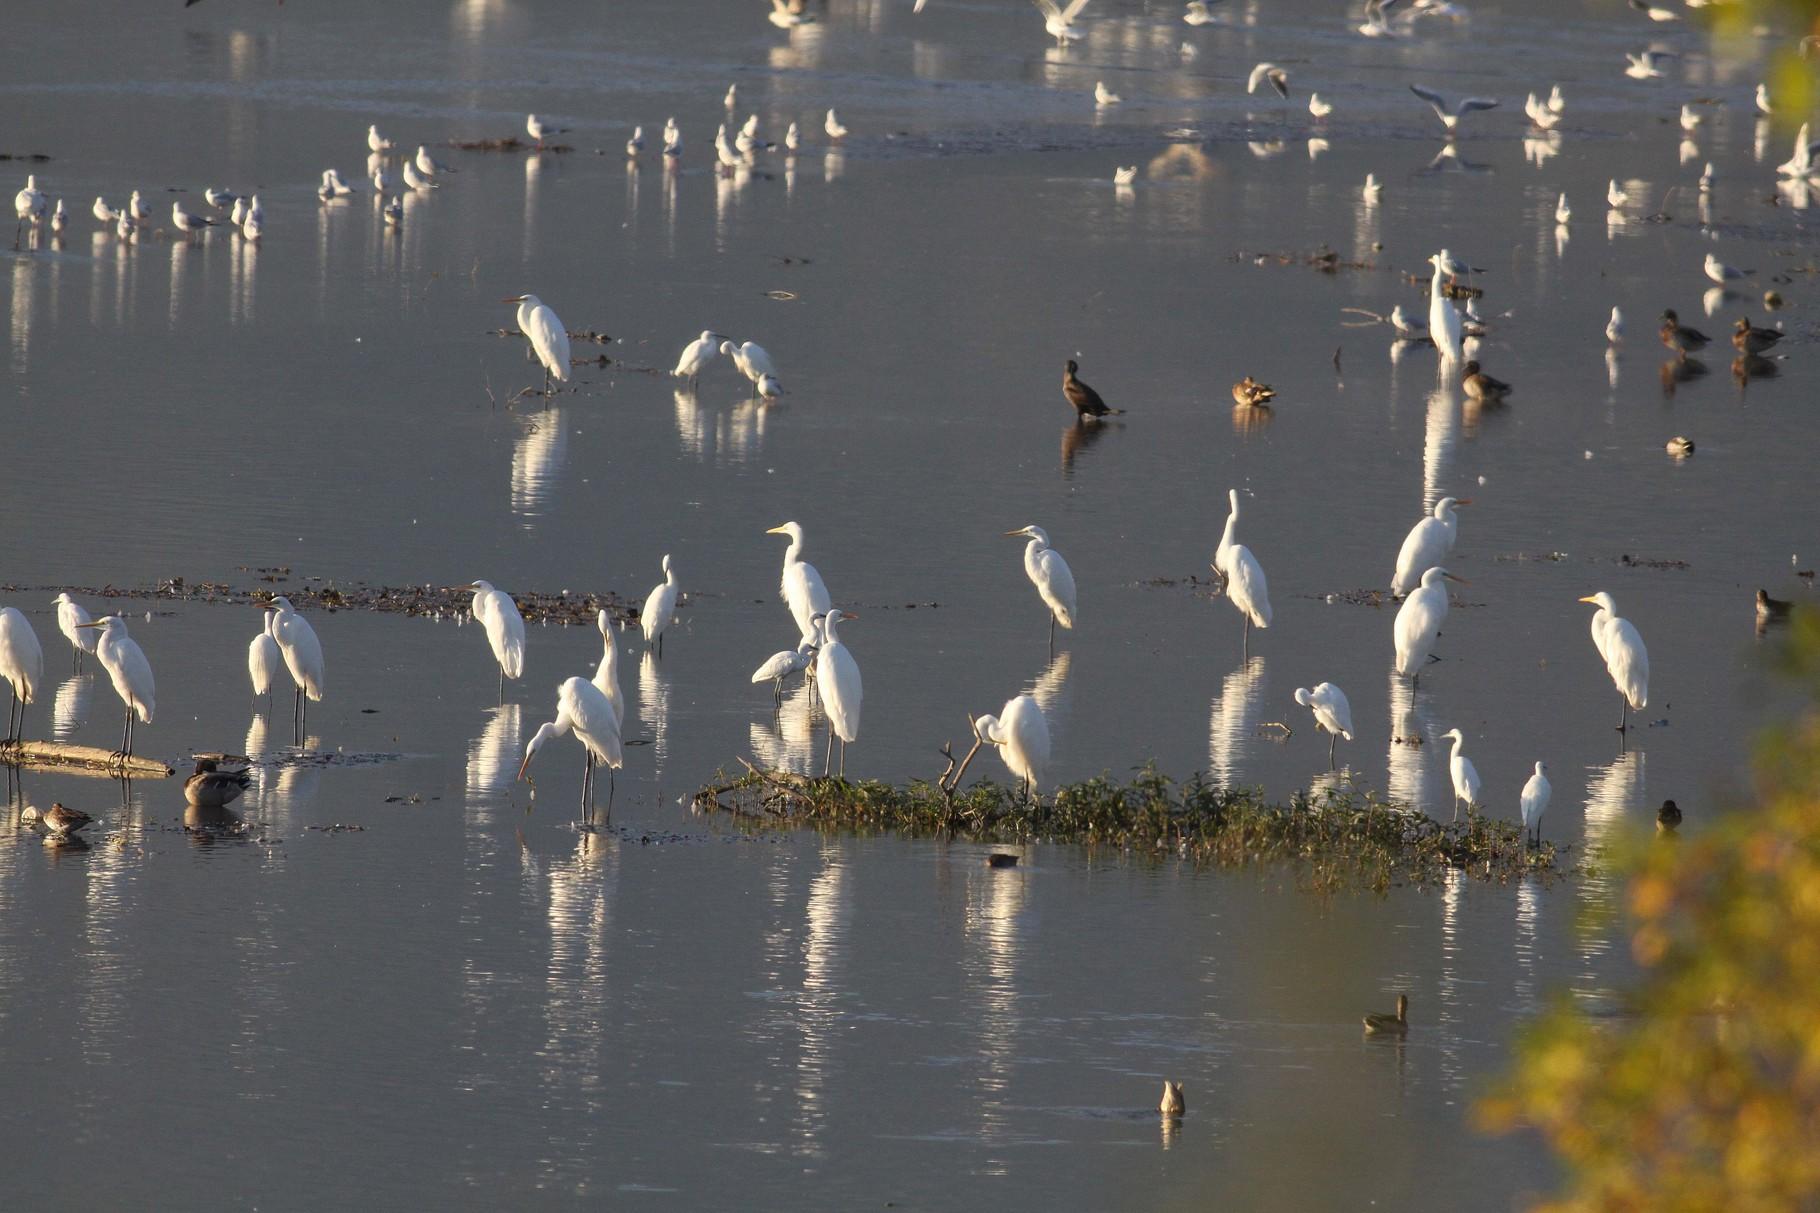 Ein Paradies für Reiher: etwa 500 Paare Seidenreiher brüten am Kerkini, im Winter werden bis zu 1500 Silberreiher gezählt